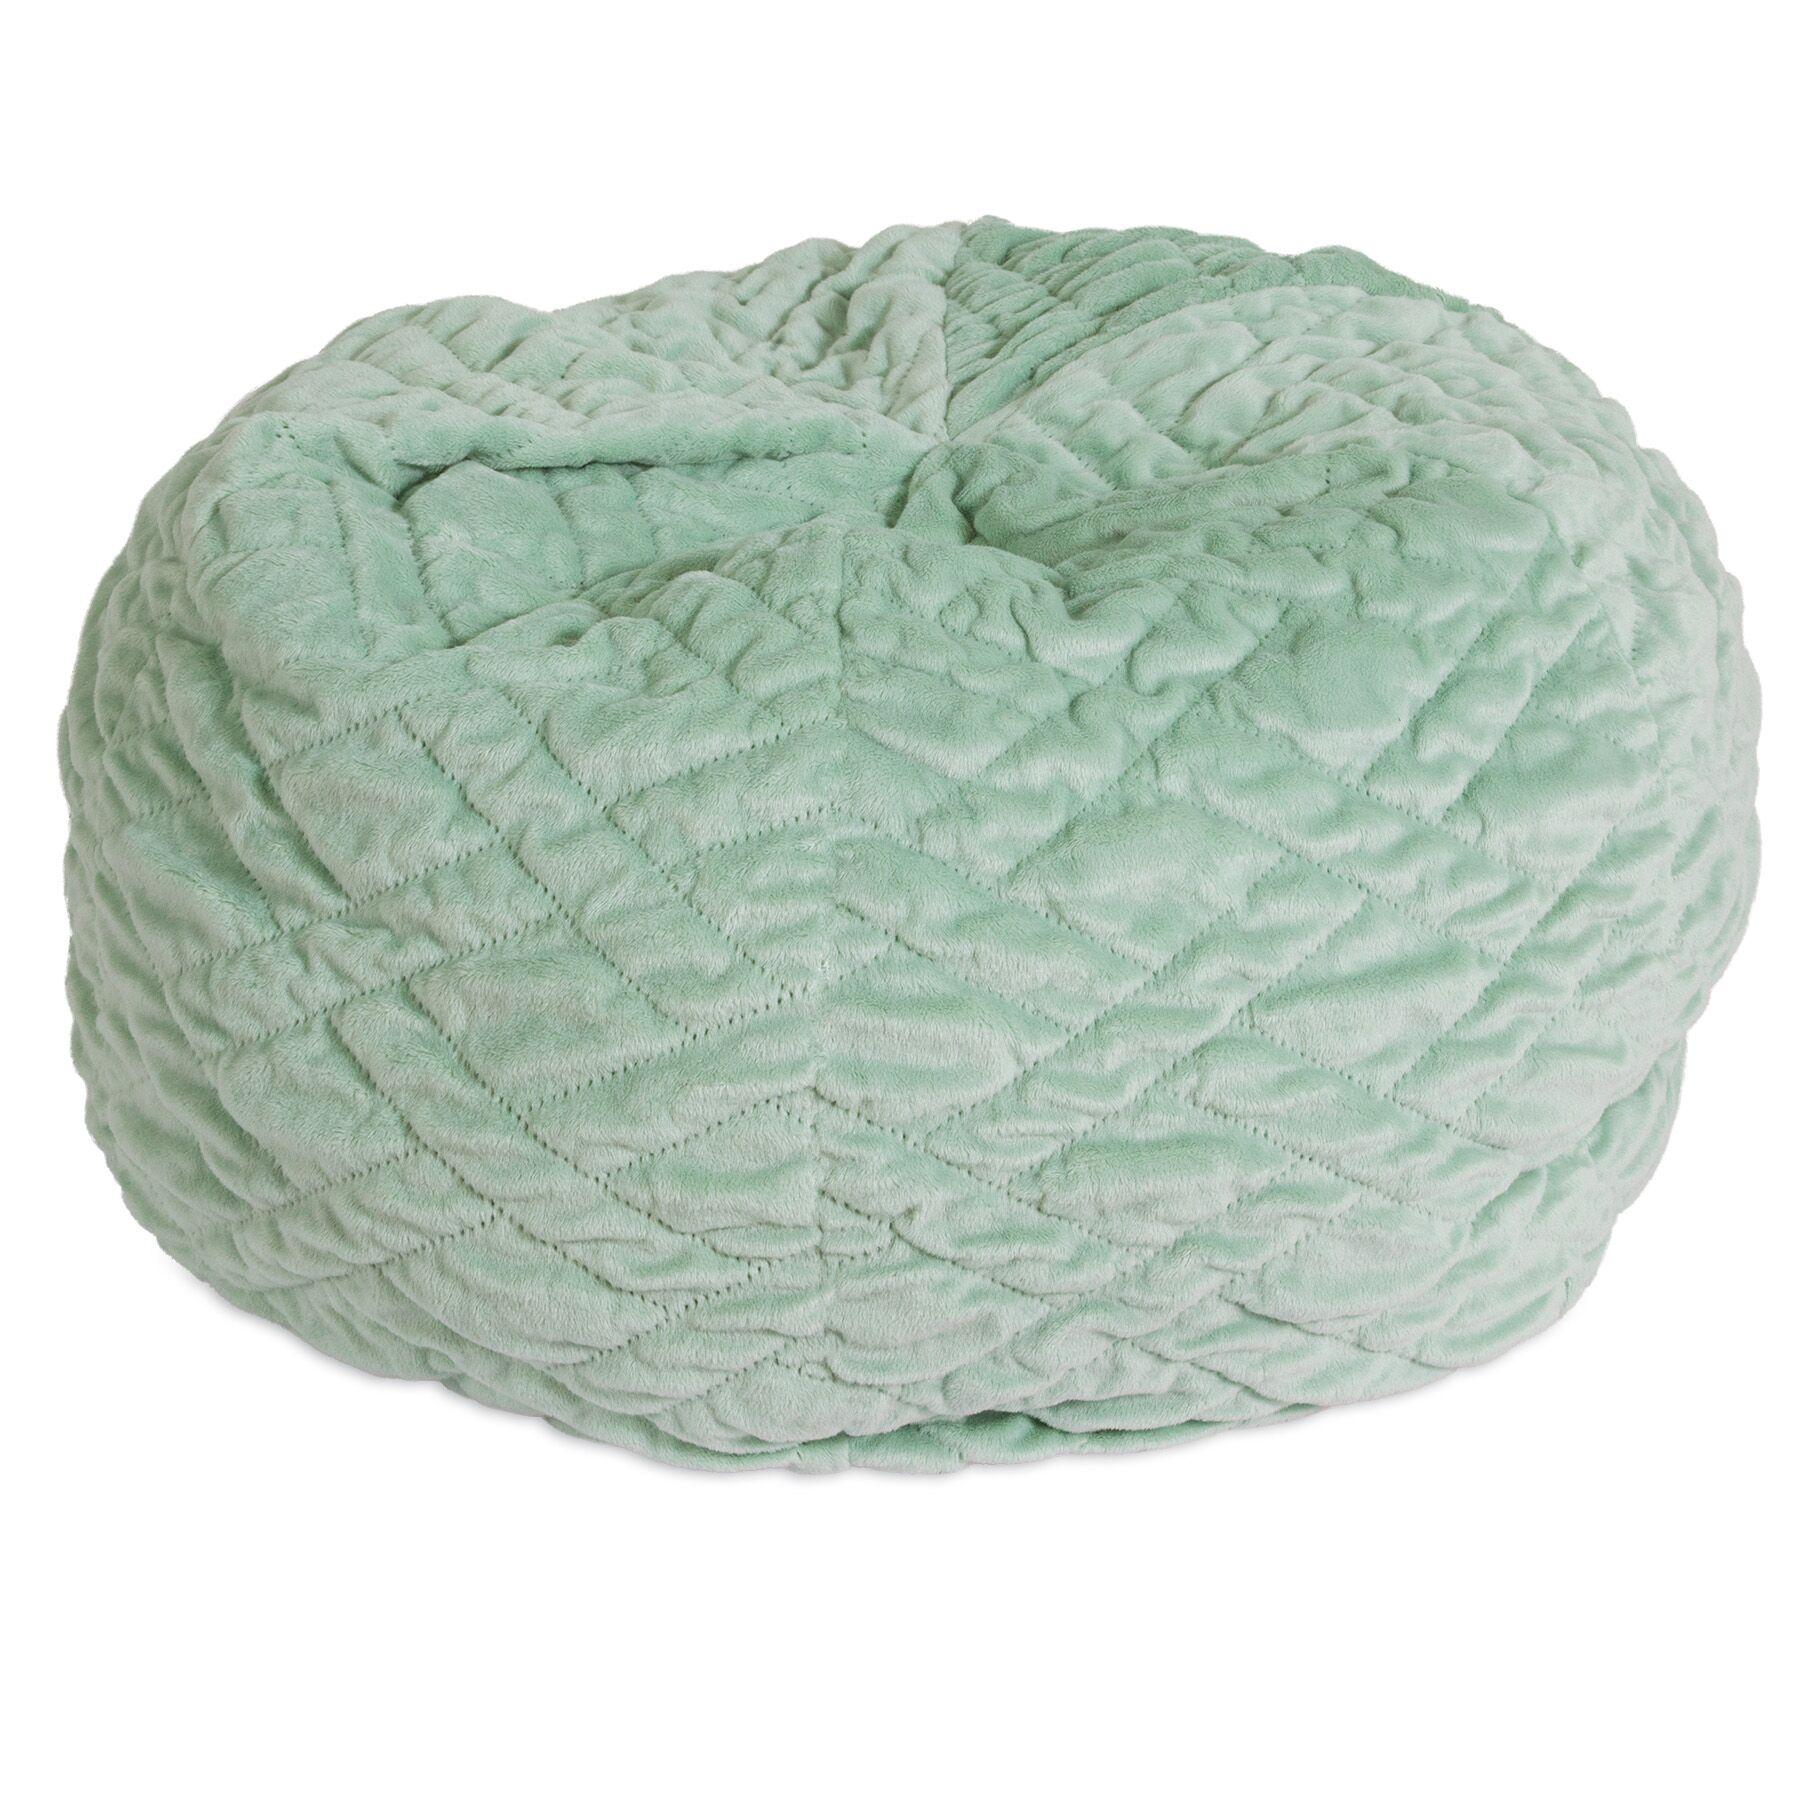 Dumpling Cat Bed